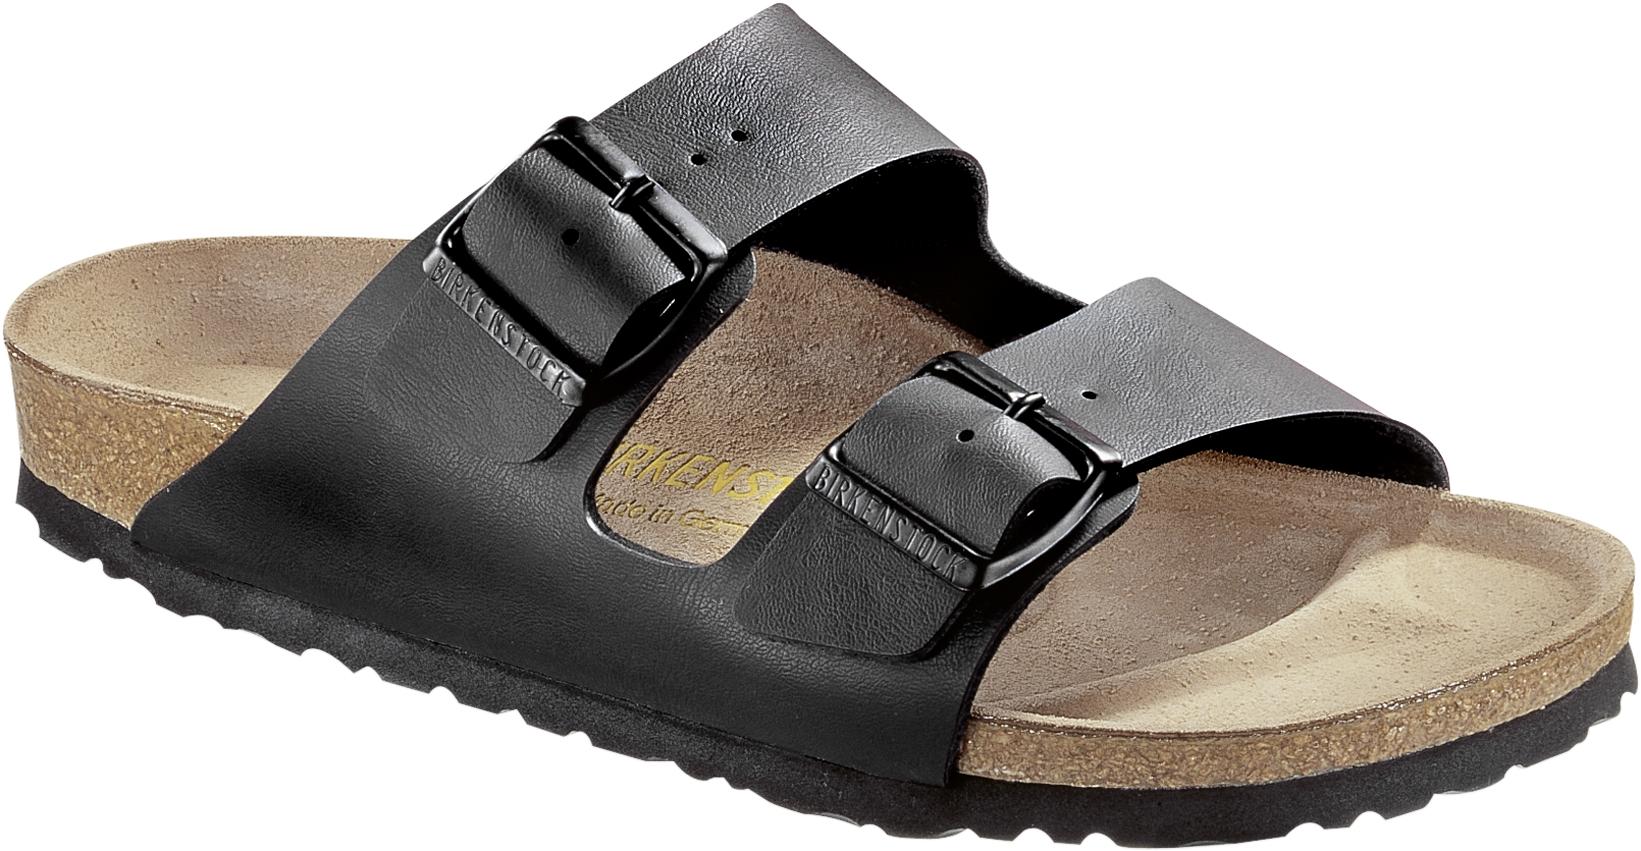 Birkenstock Arizona Birko-Flor sandal